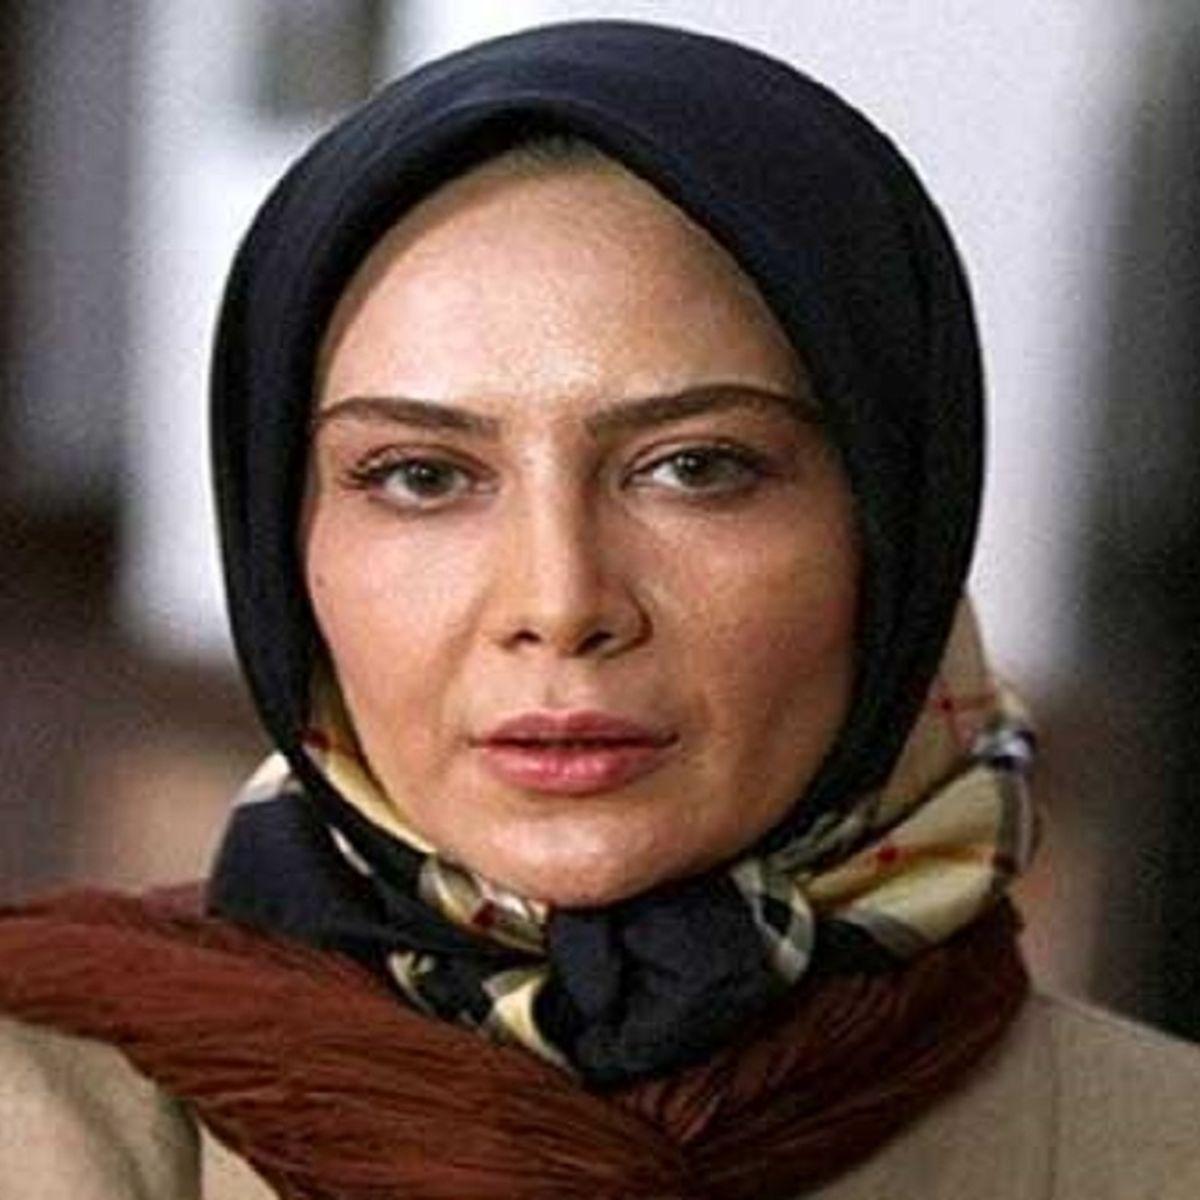 عکس شوکه کننده بازیگر زن ایرانی از پشت صحنه یک فیلم !